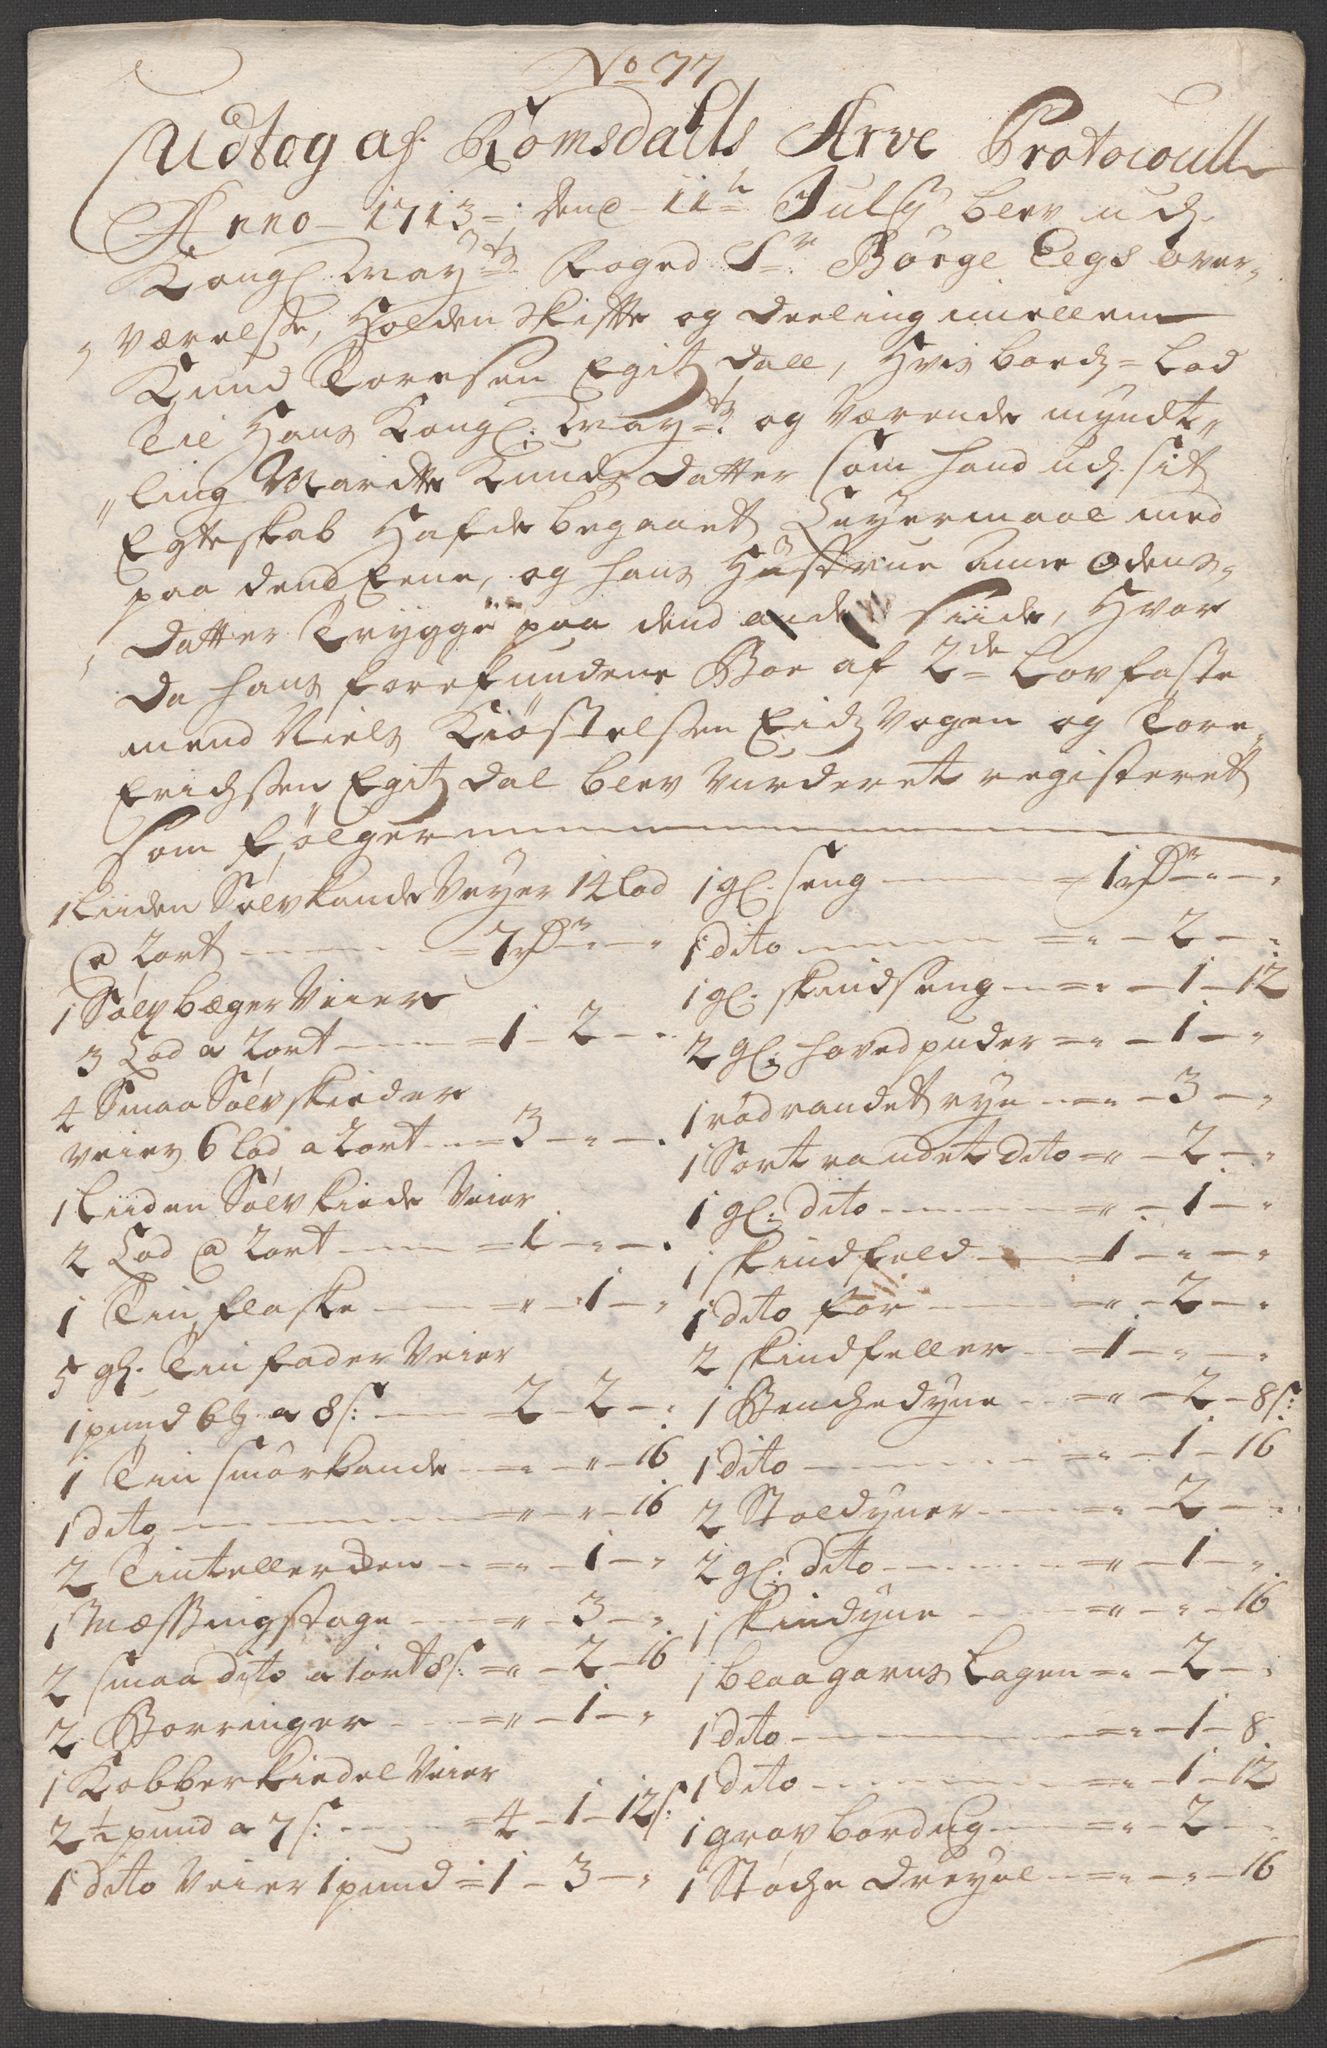 RA, Rentekammeret inntil 1814, Reviderte regnskaper, Fogderegnskap, R55/L3662: Fogderegnskap Romsdal, 1713-1714, s. 191